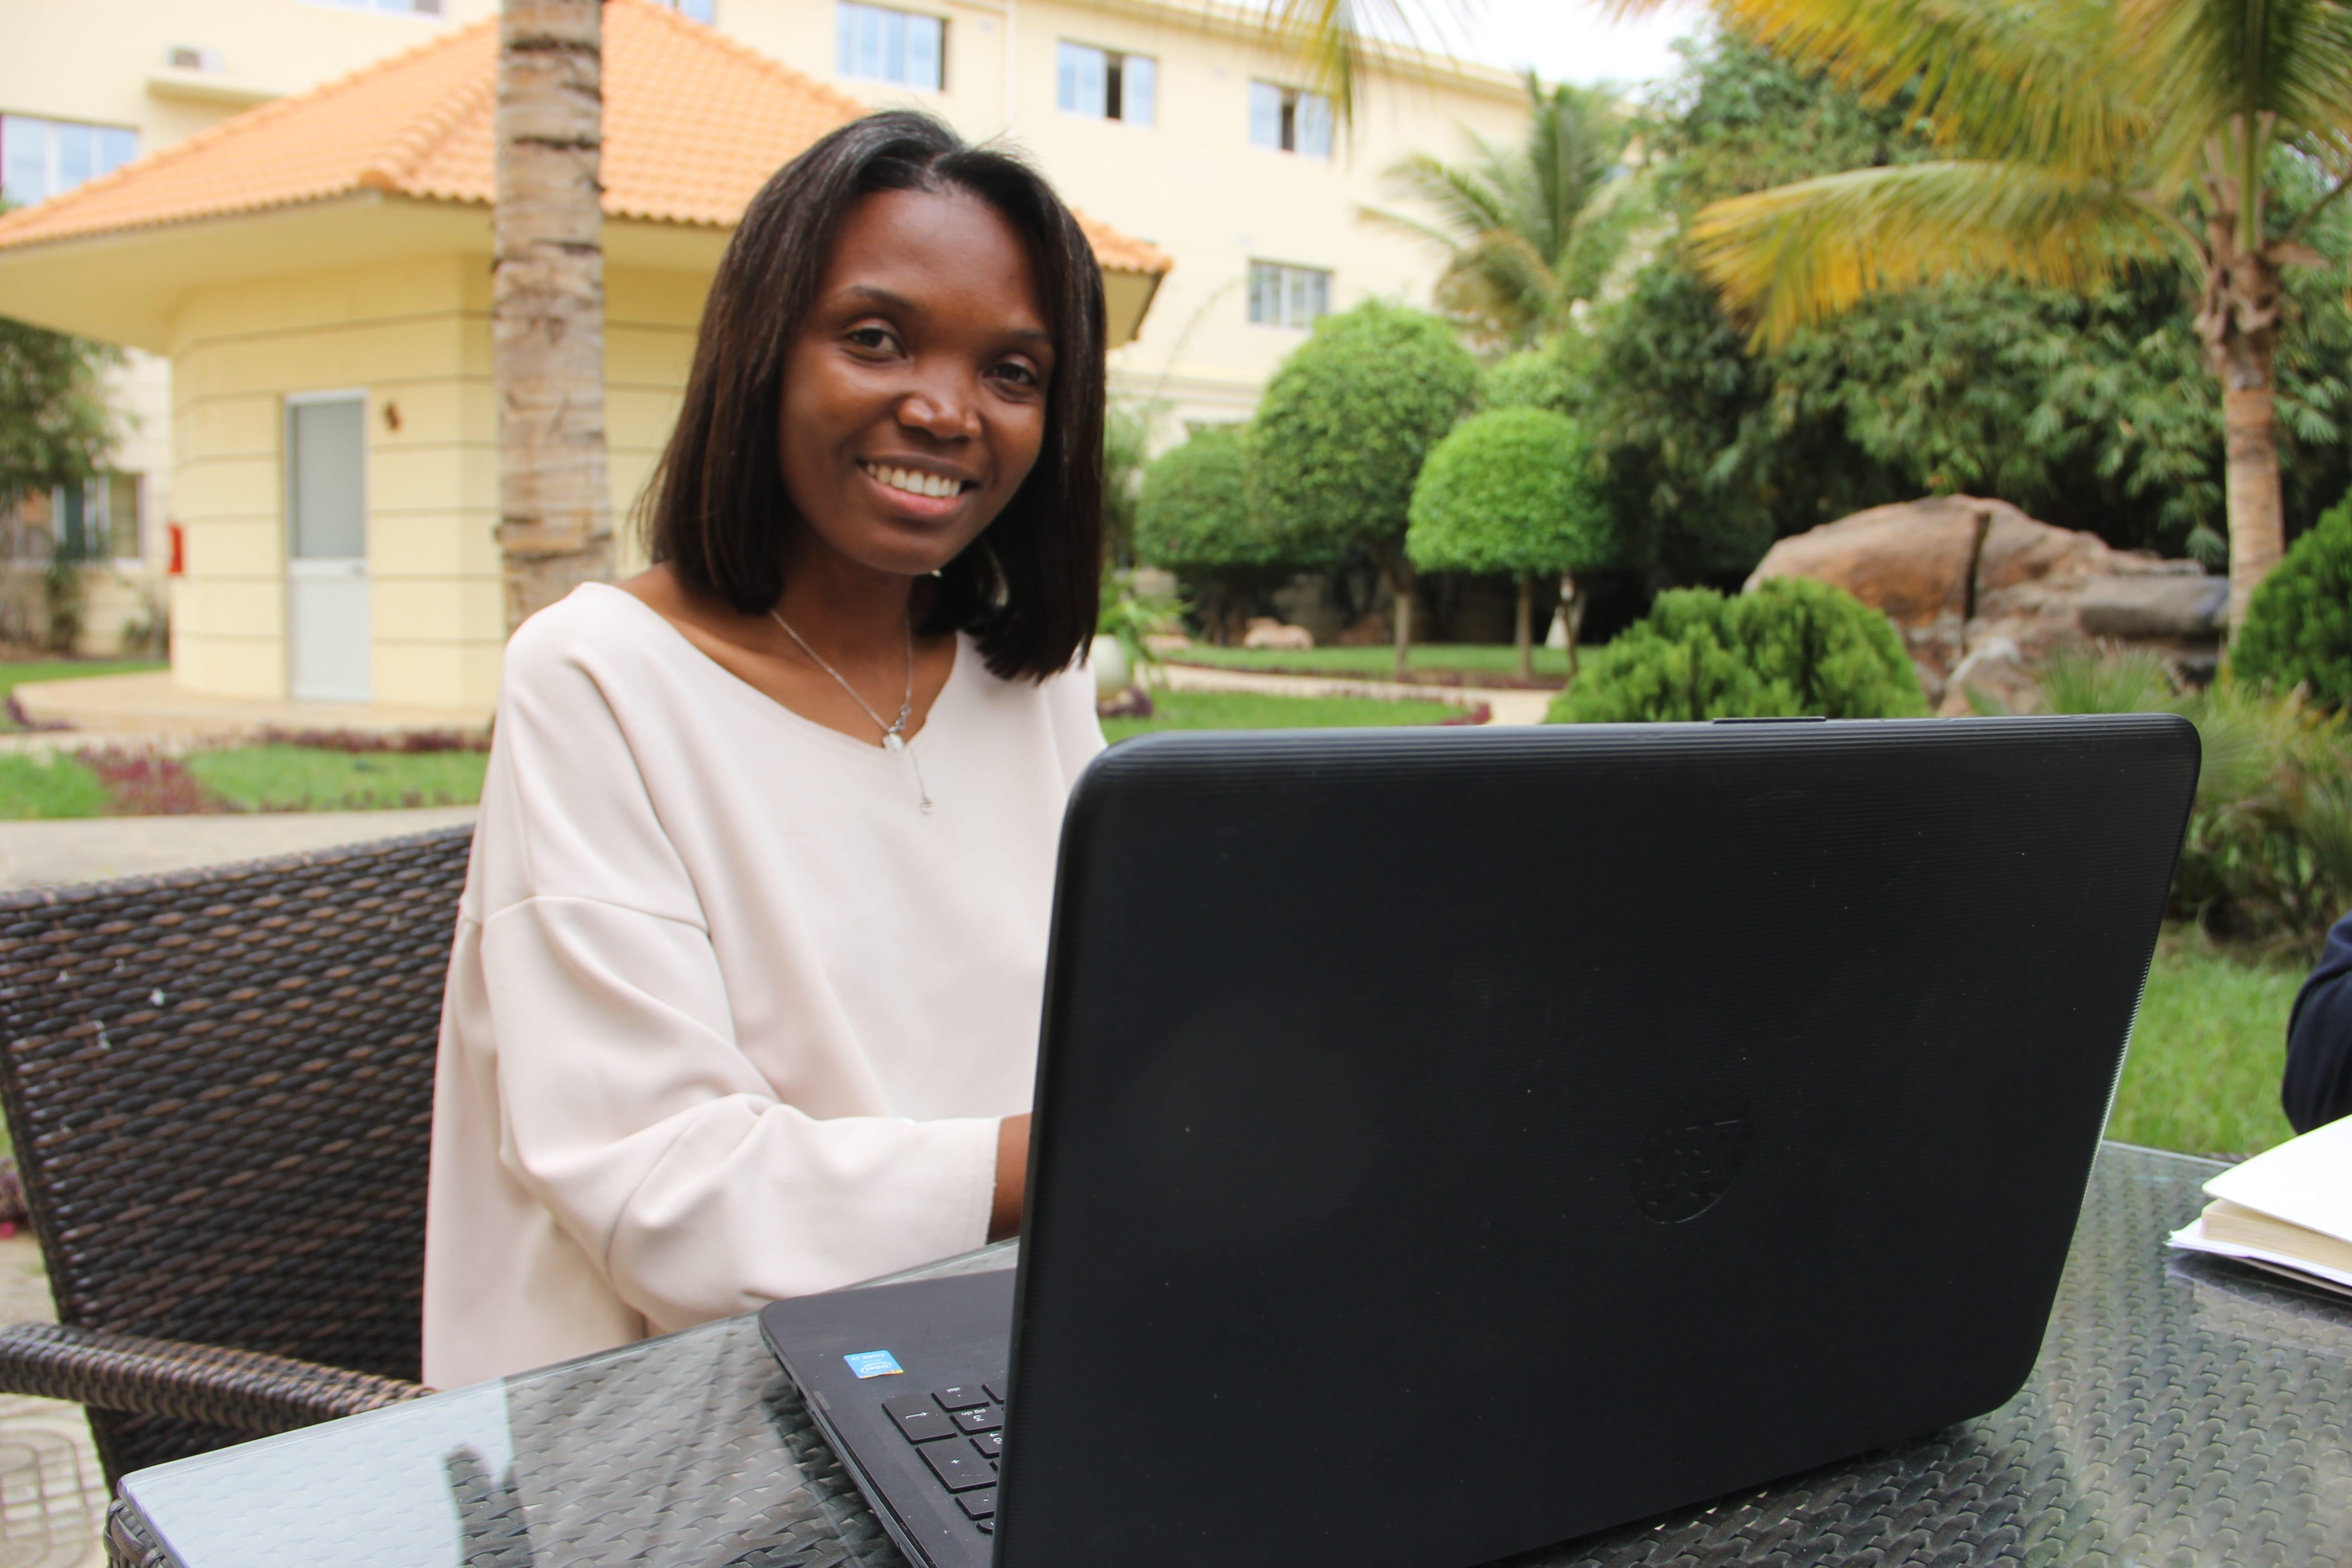 jornalista angolana convidada para ser colunista de umjornal científico internacional - IMG 0033 - Jornalista Angolana convidada para ser colunista de umJornal científico Internacional